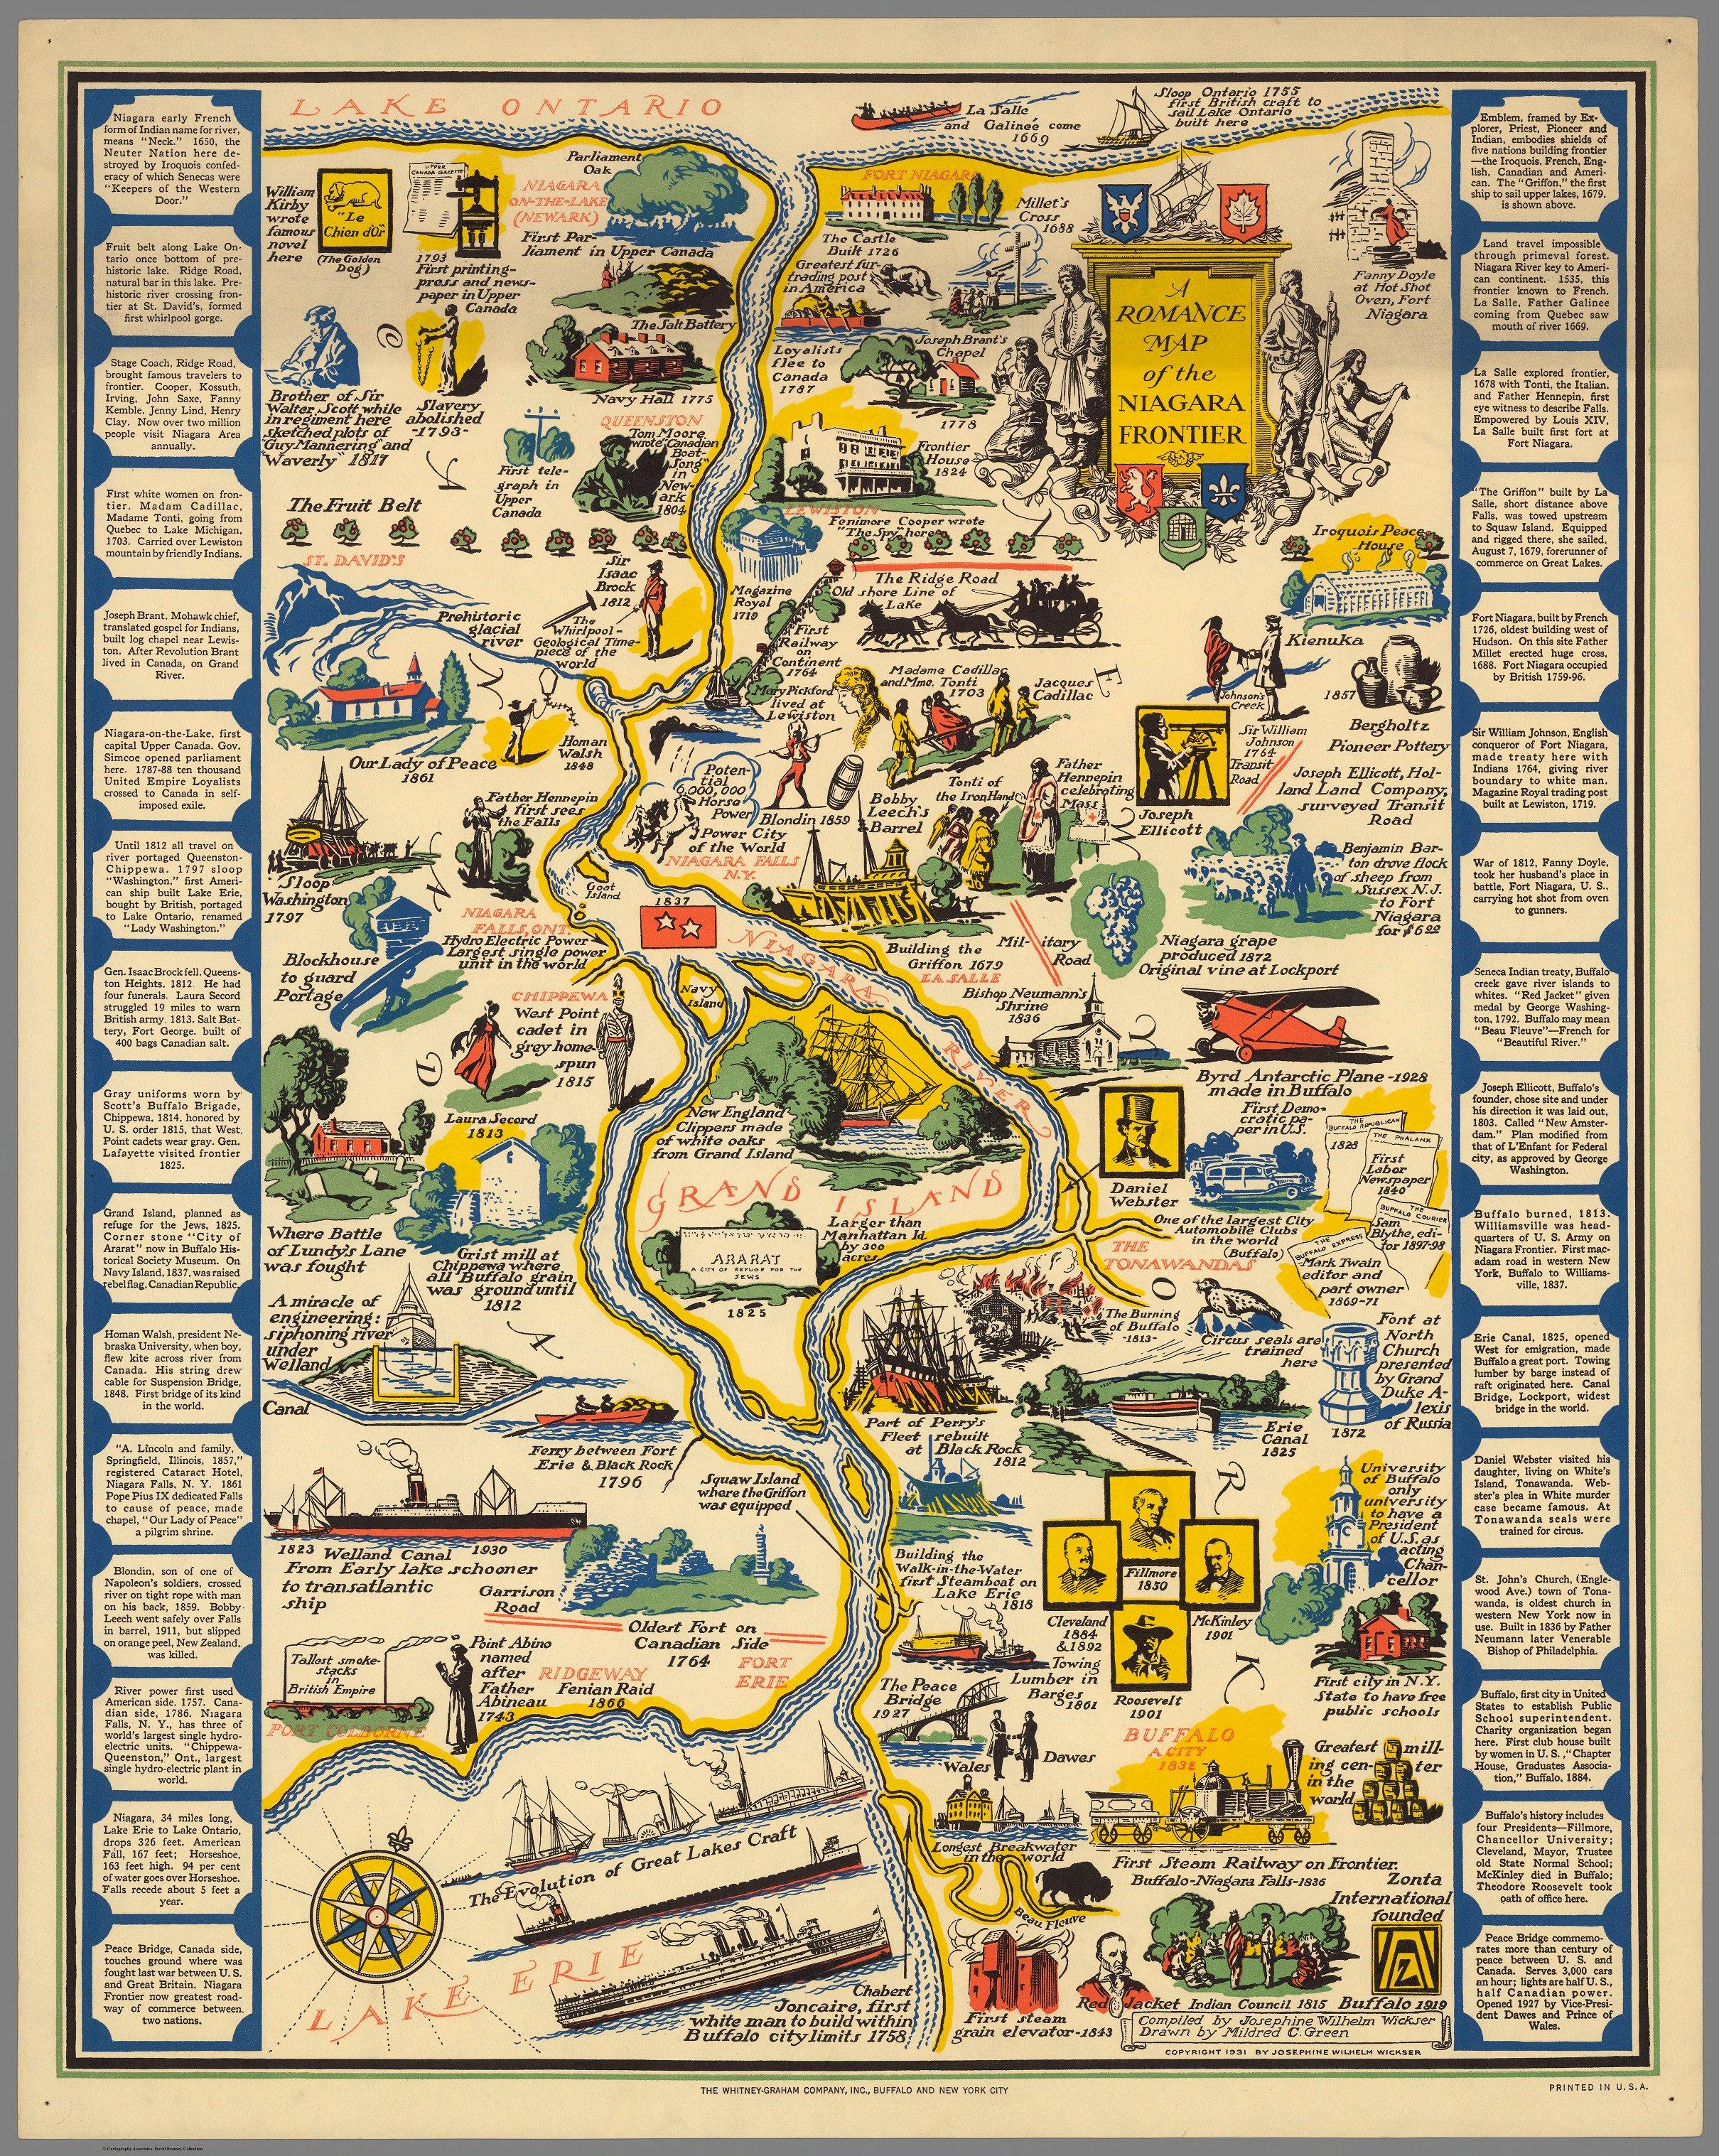 A romance map of the Niagara frontier